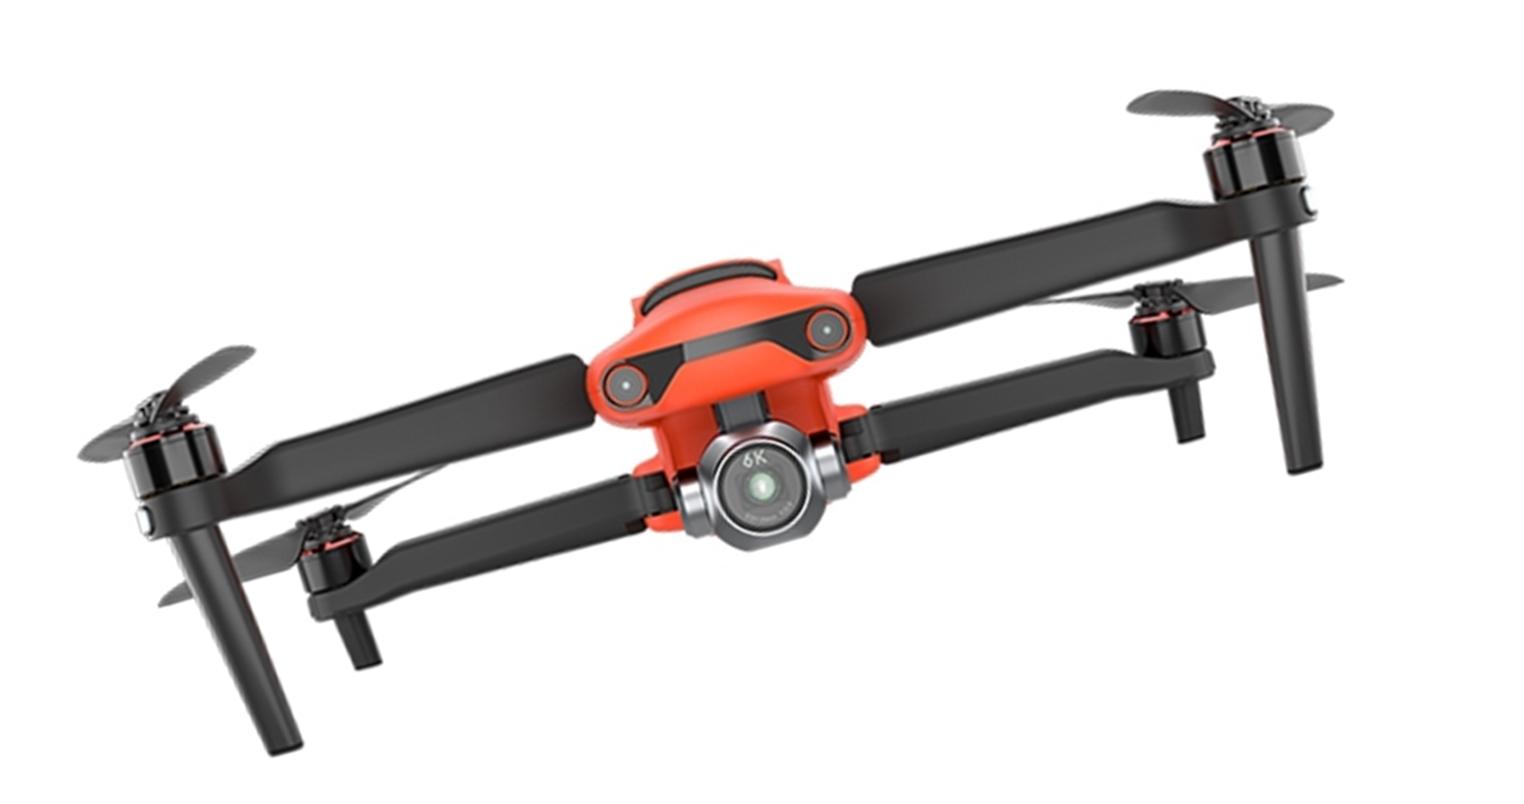 Trabajos con drones en Melilla Autel Evo 2 pro